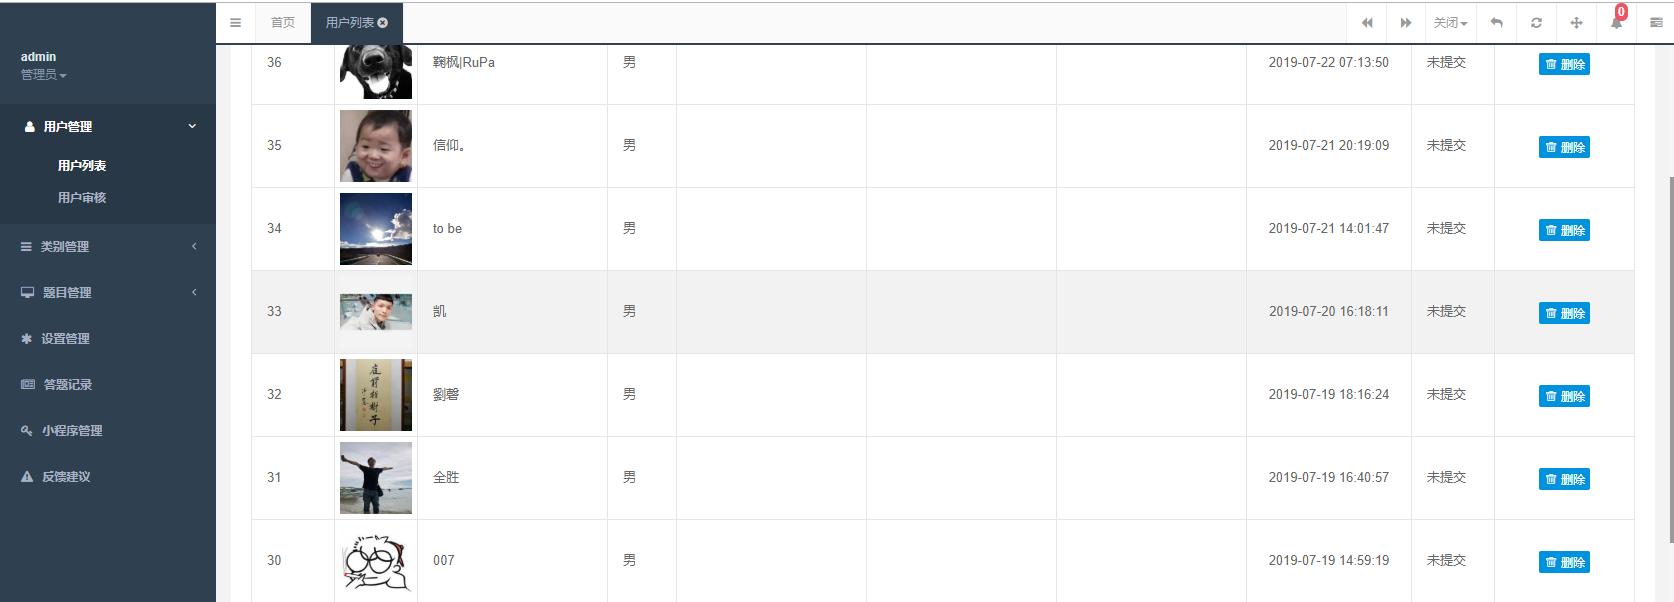 用户列表.jpg